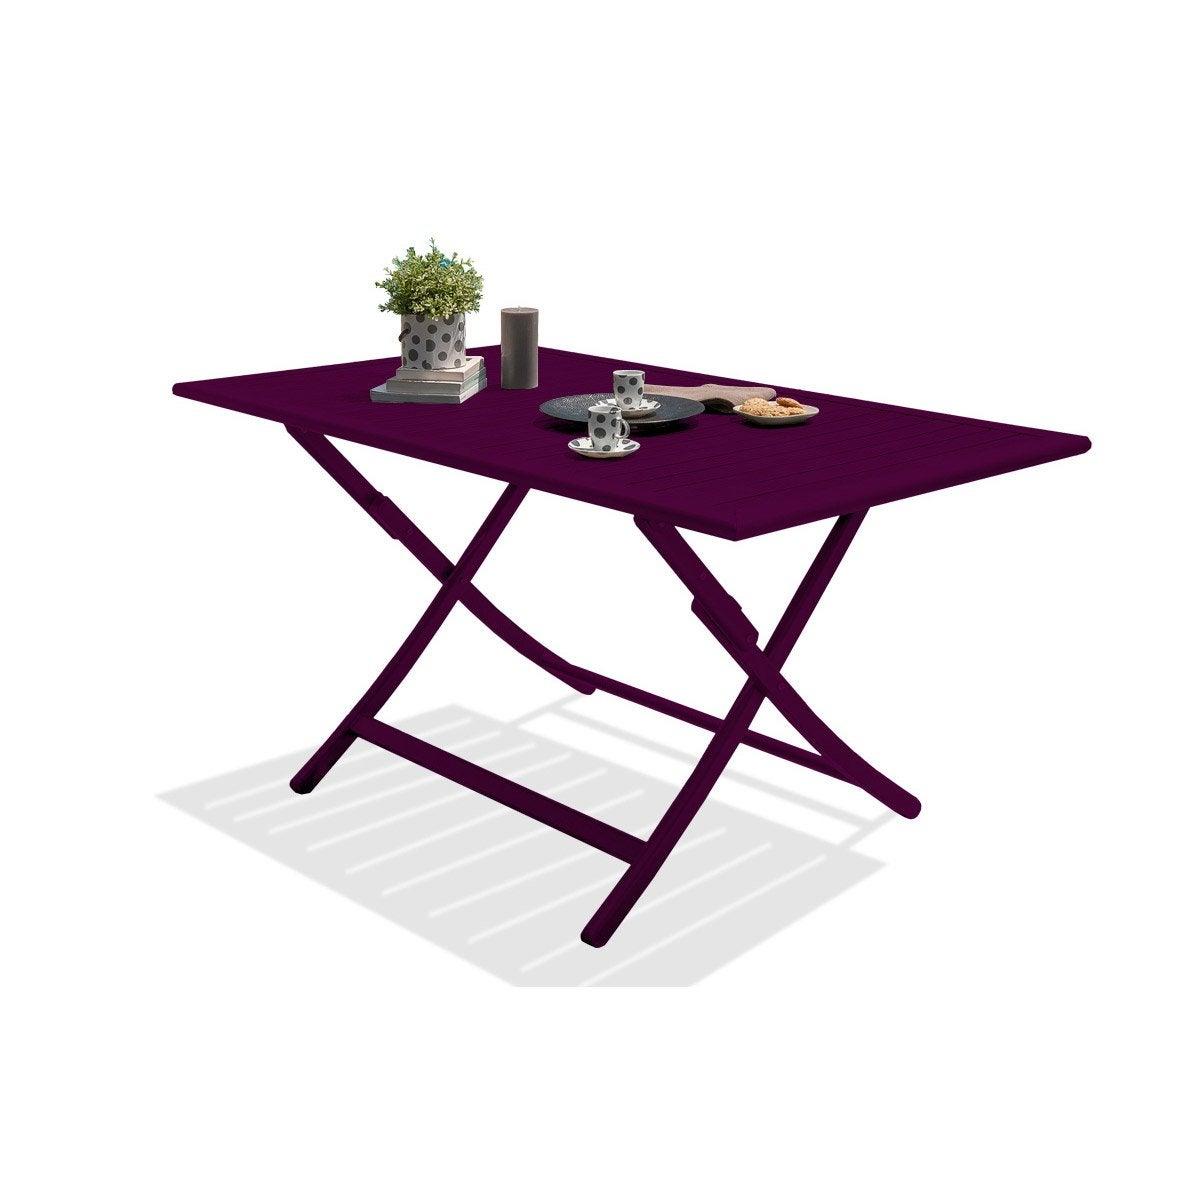 Table Roulante De Jardin Frais Table De Jardin De Repas Marius Rectangulaire Aubergine 4 6